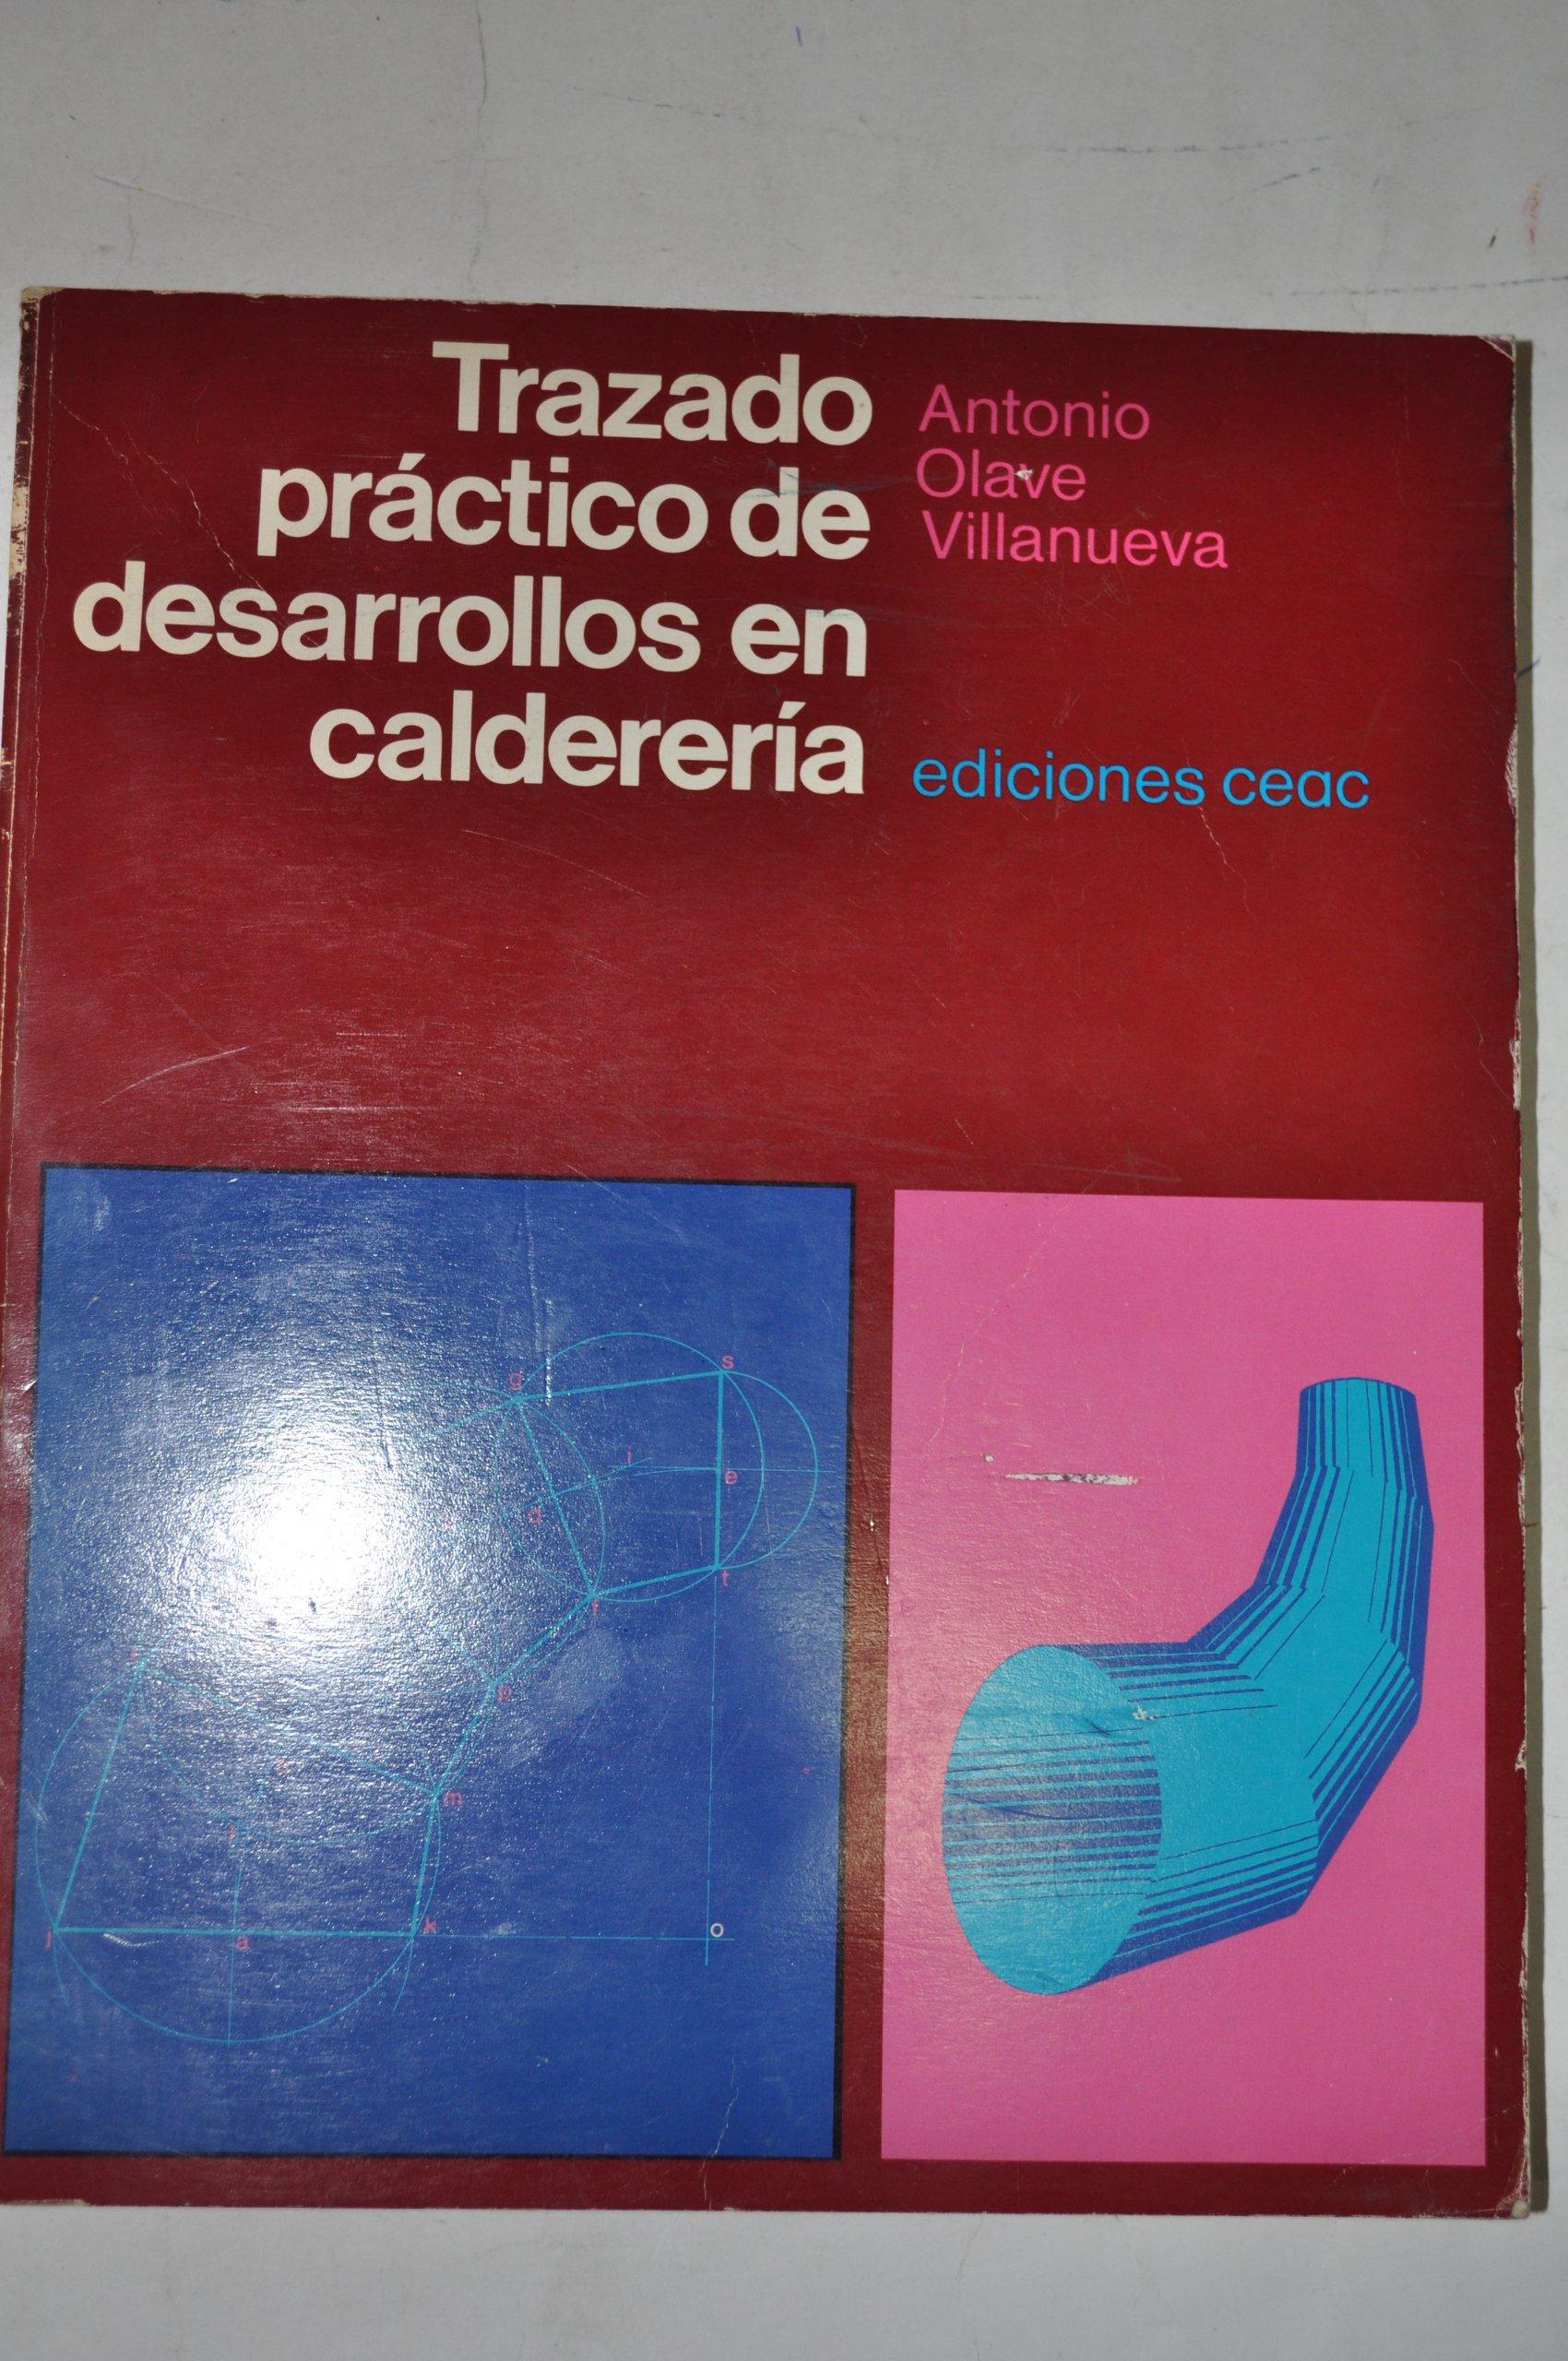 Trazado Practico De Desarrollo En Caldereria Ceac 9788432948015 Books